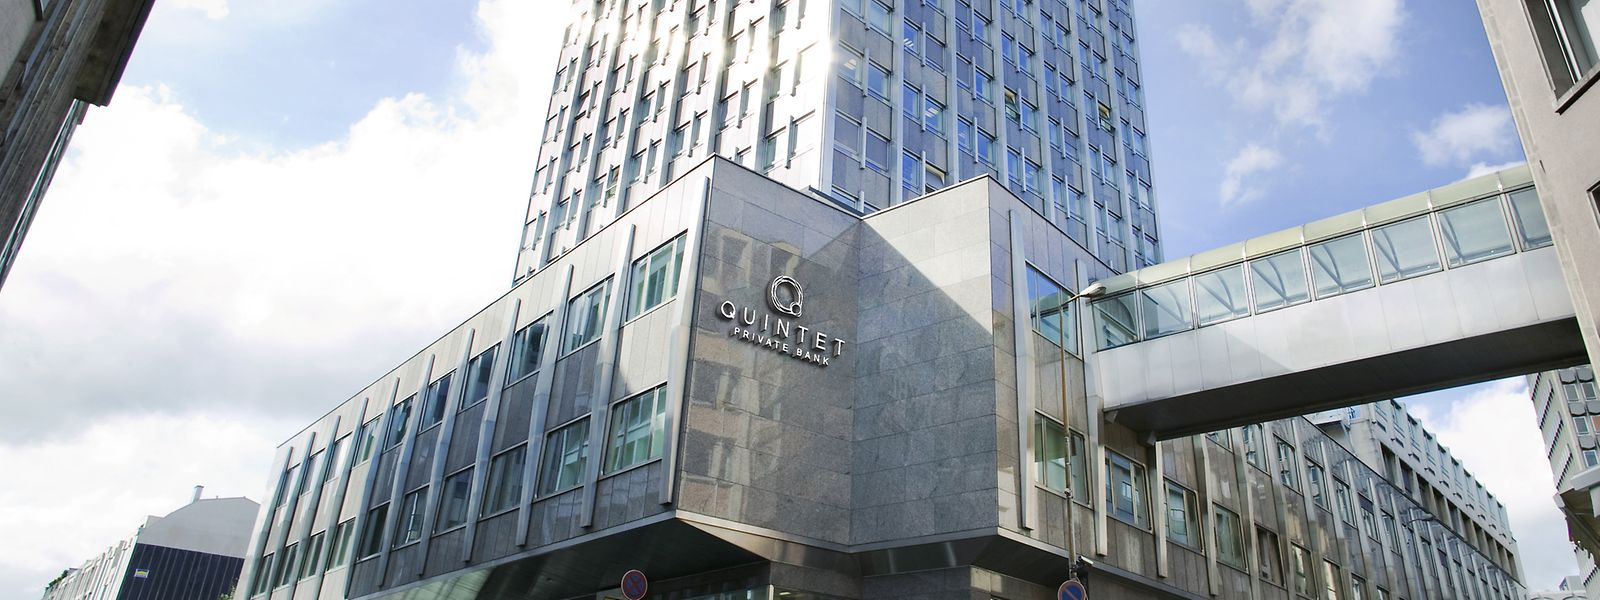 Die umbenannte Privatbankgruppe erhält eine gemeinsame CorporateIdentity.